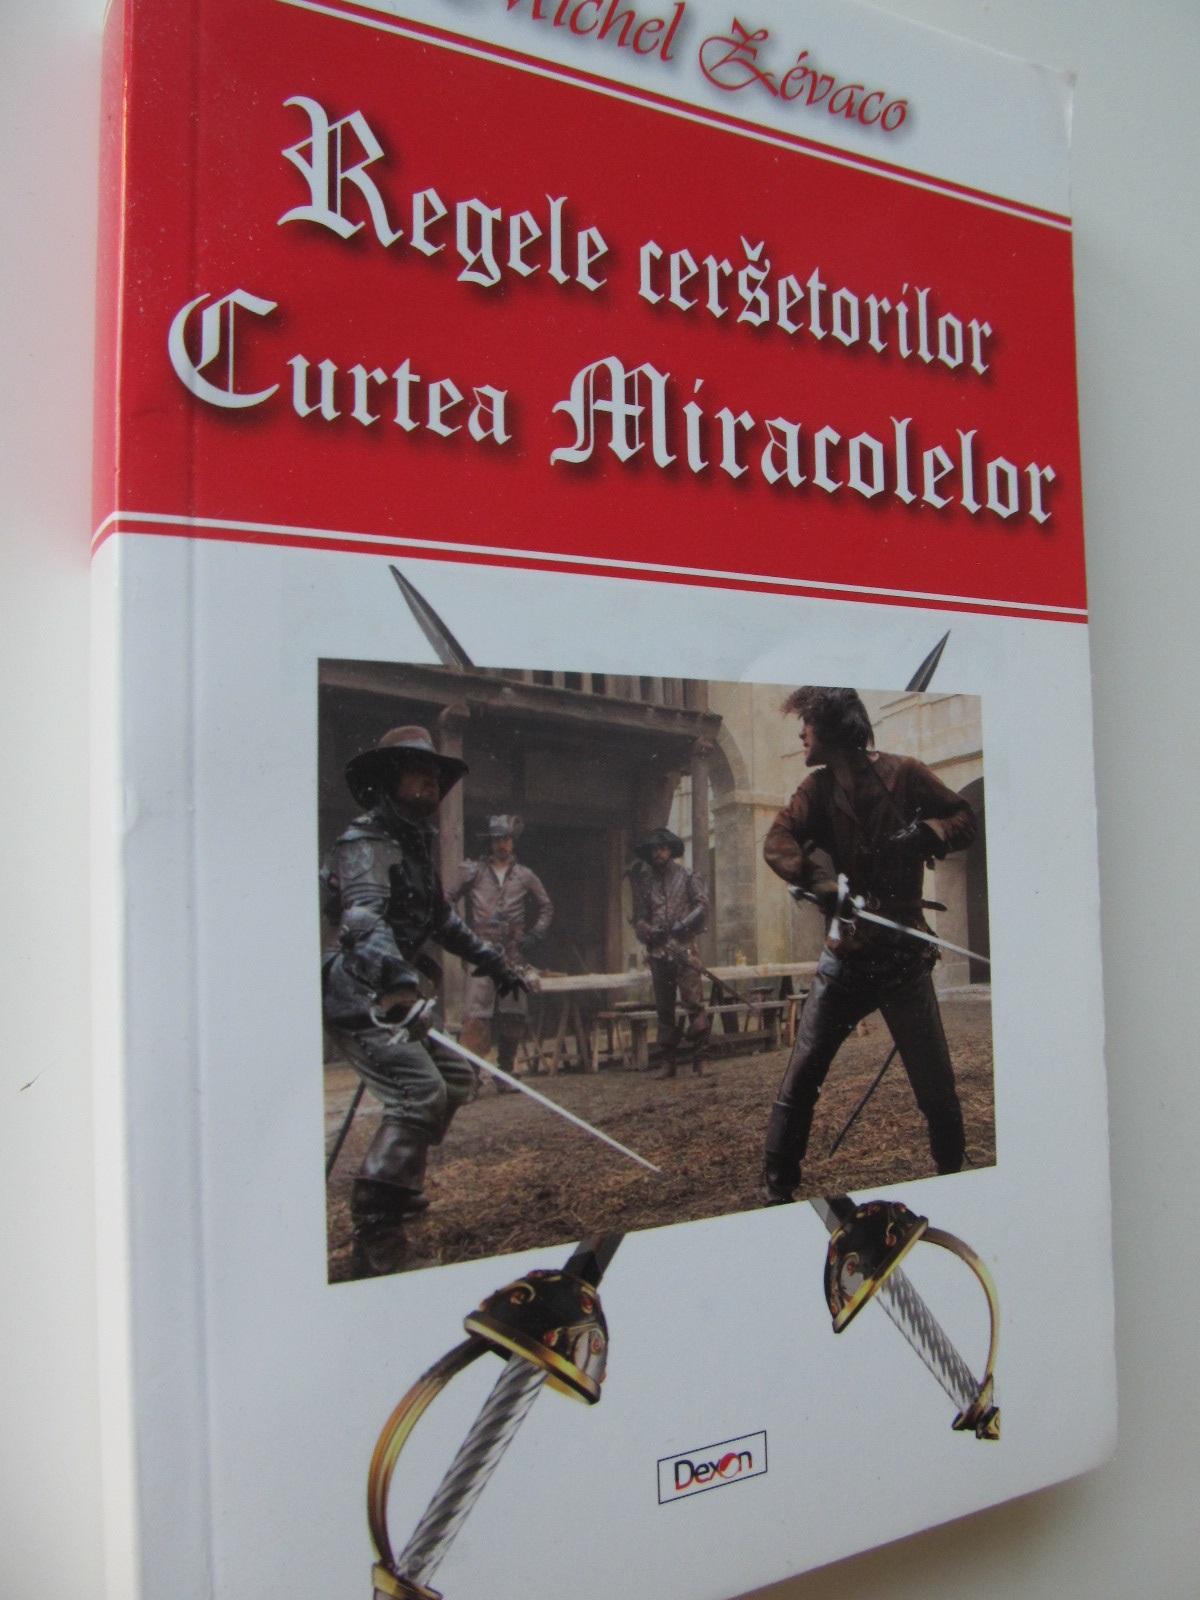 Regele cersetorilor - Curtea miracolelor (vol. 2) - Michel Zevaco | Detalii carte